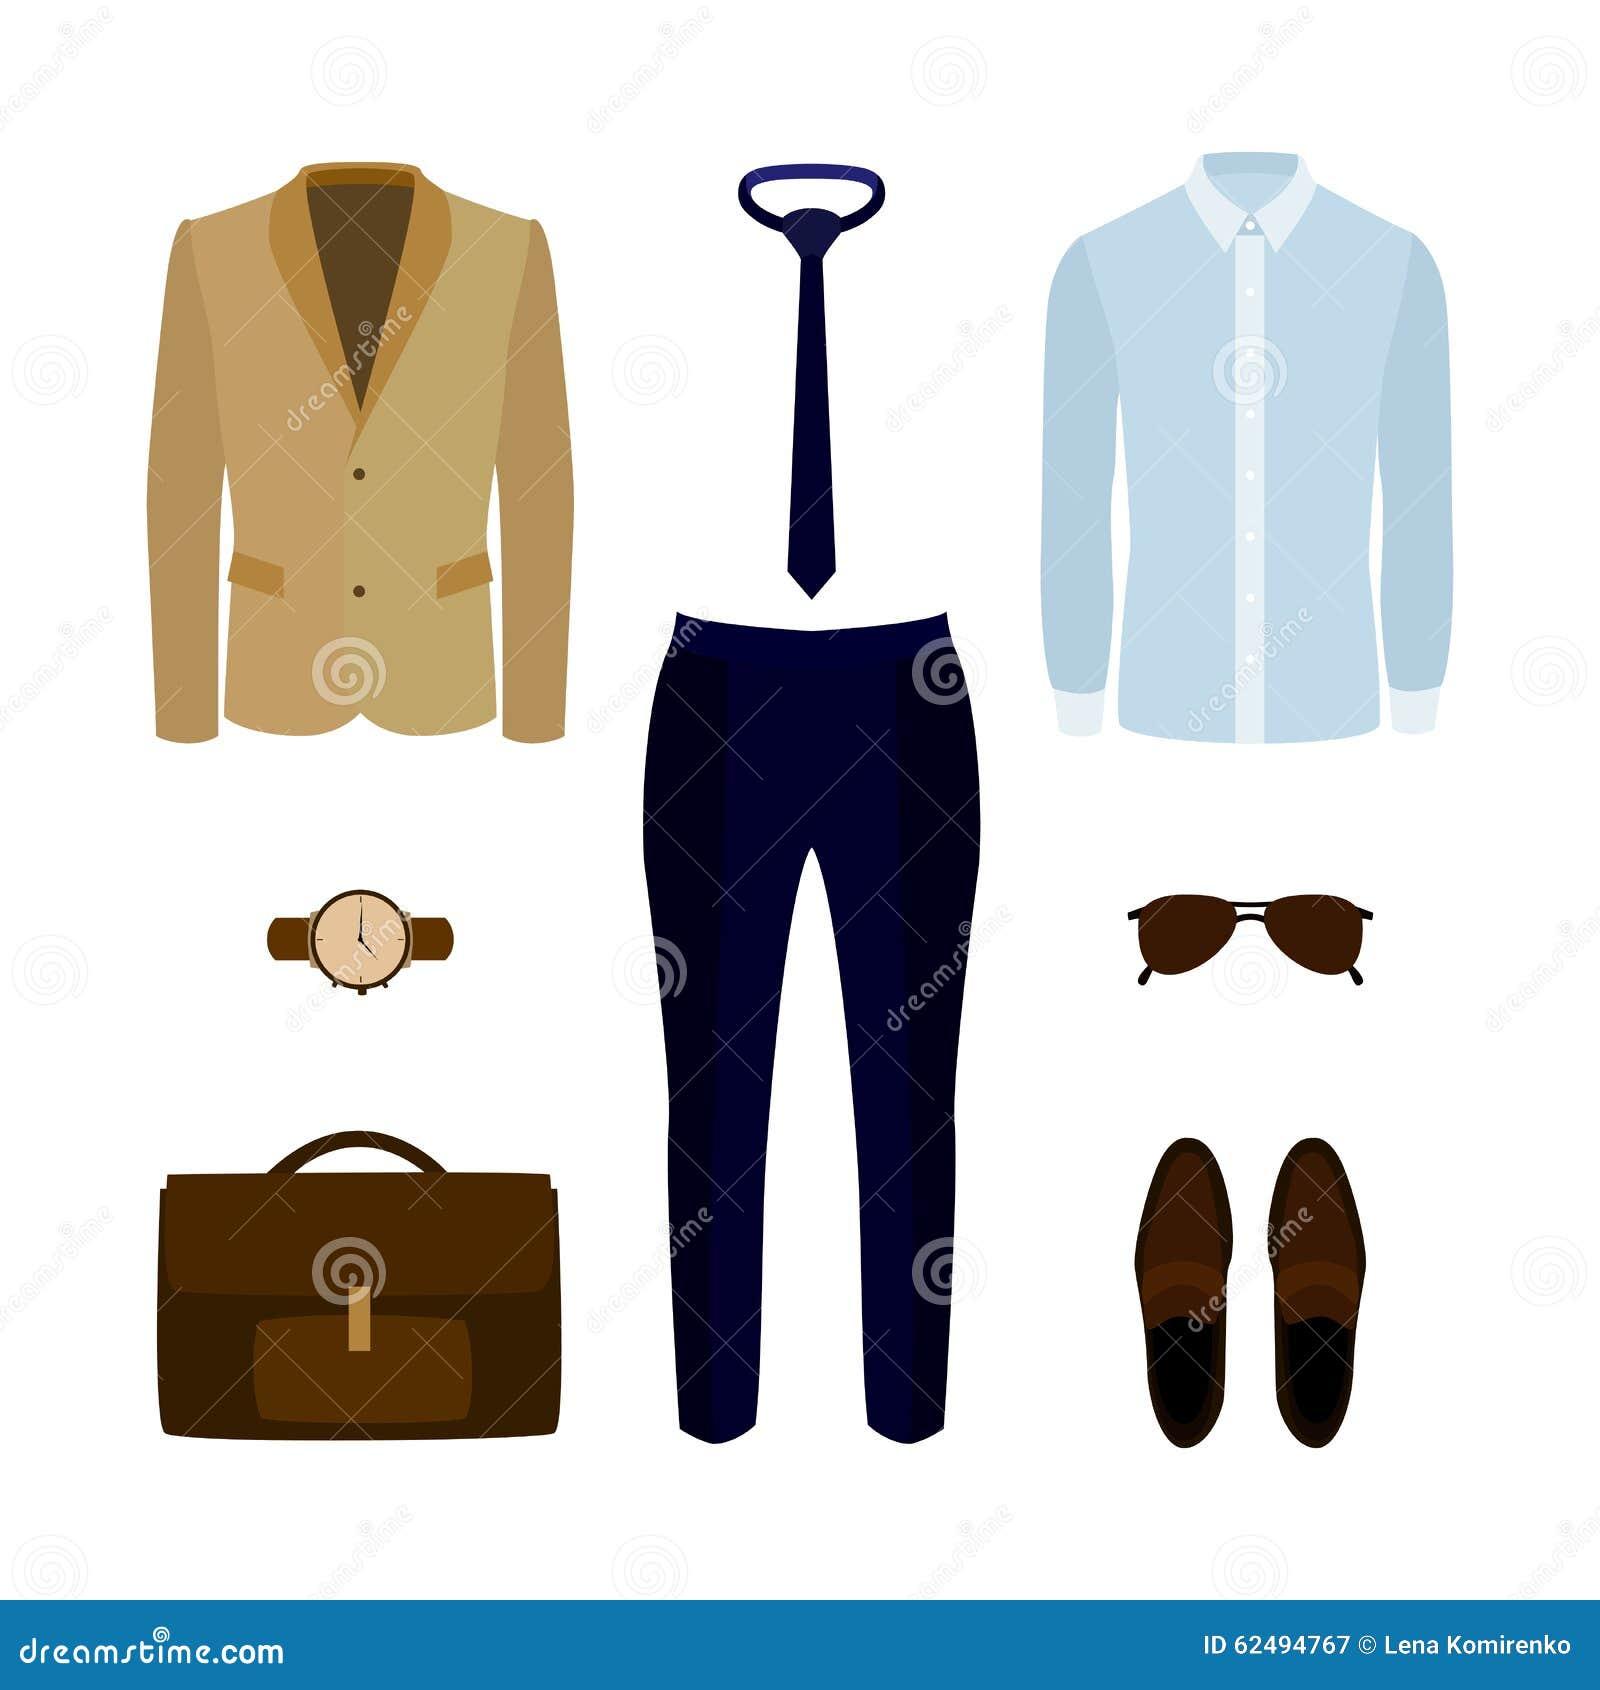 new products 9ef44 5e73b Satz Modische Kleidung Der Männer Mit Hosen, Hemd, Jacke Und ...